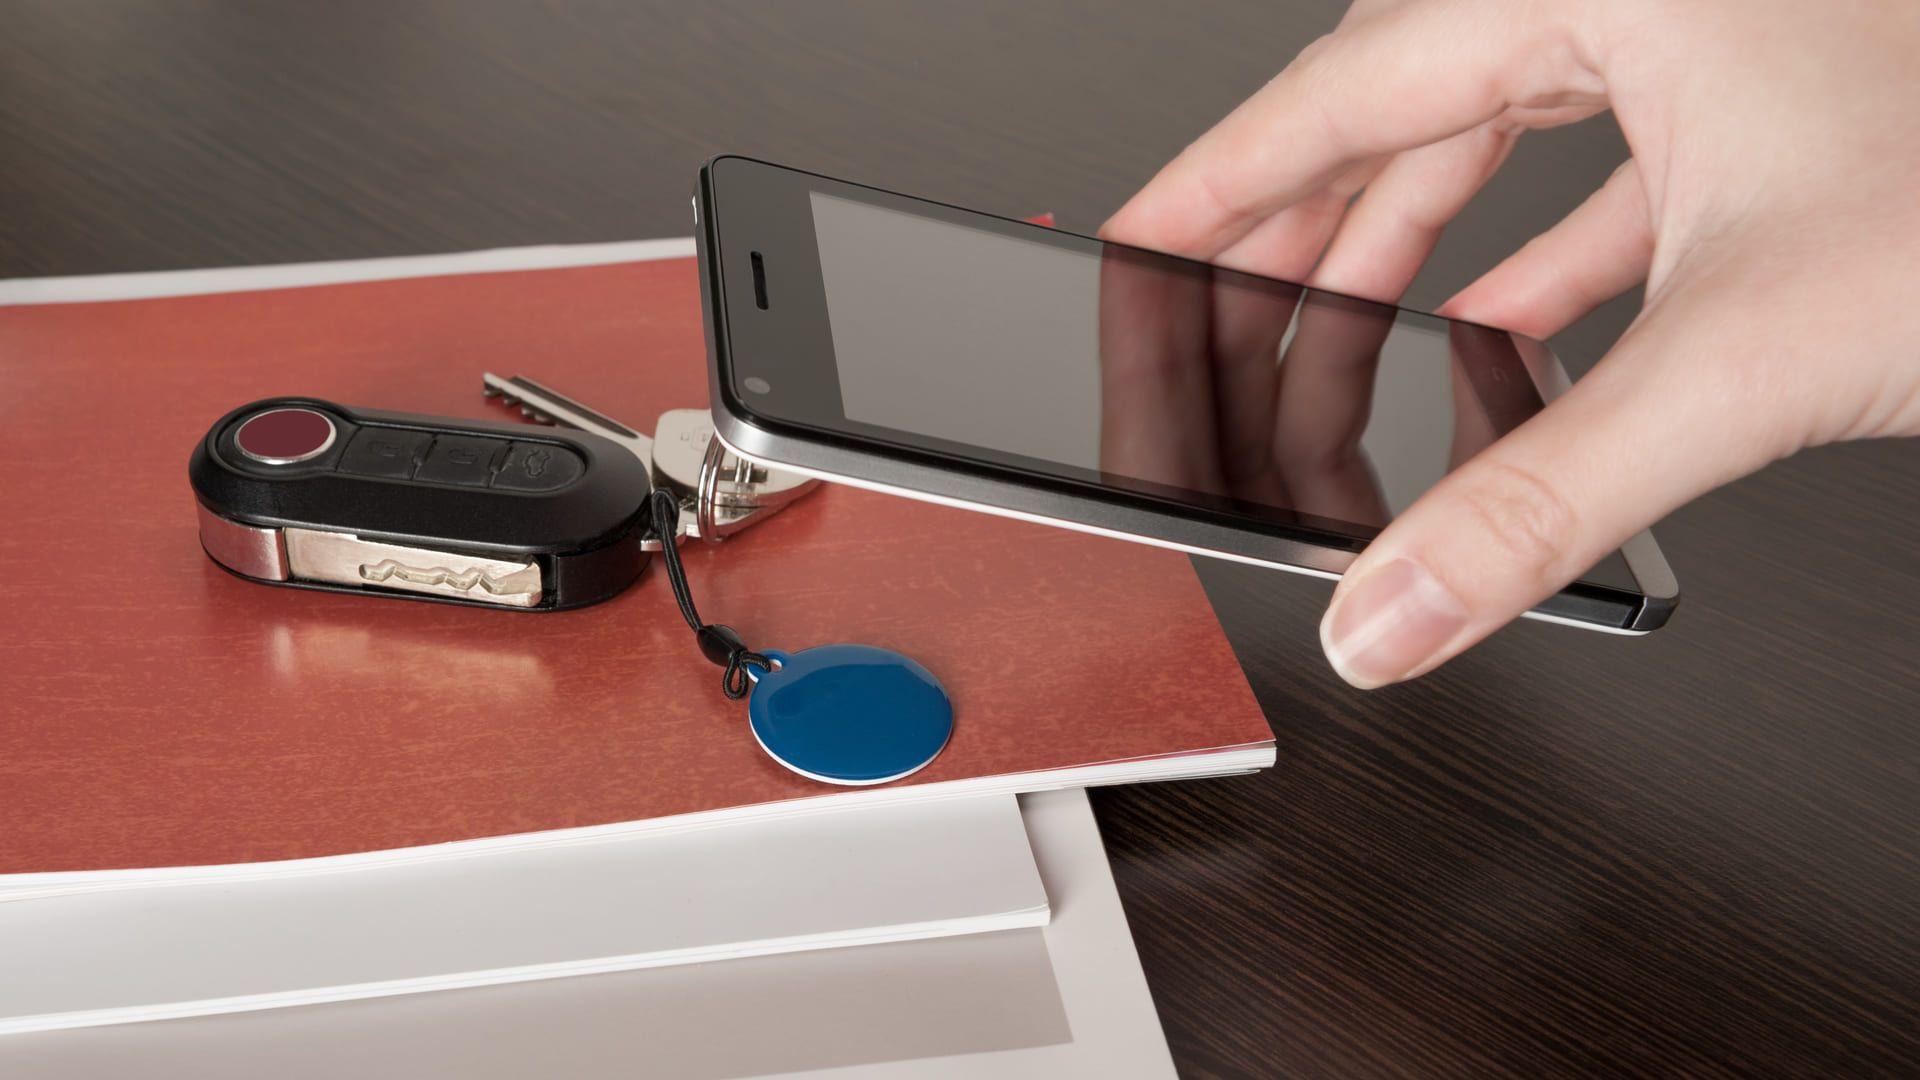 A tag NFC permite um mundo de funcionalidades pra essa tecnologia (Foto: Shutterstock)